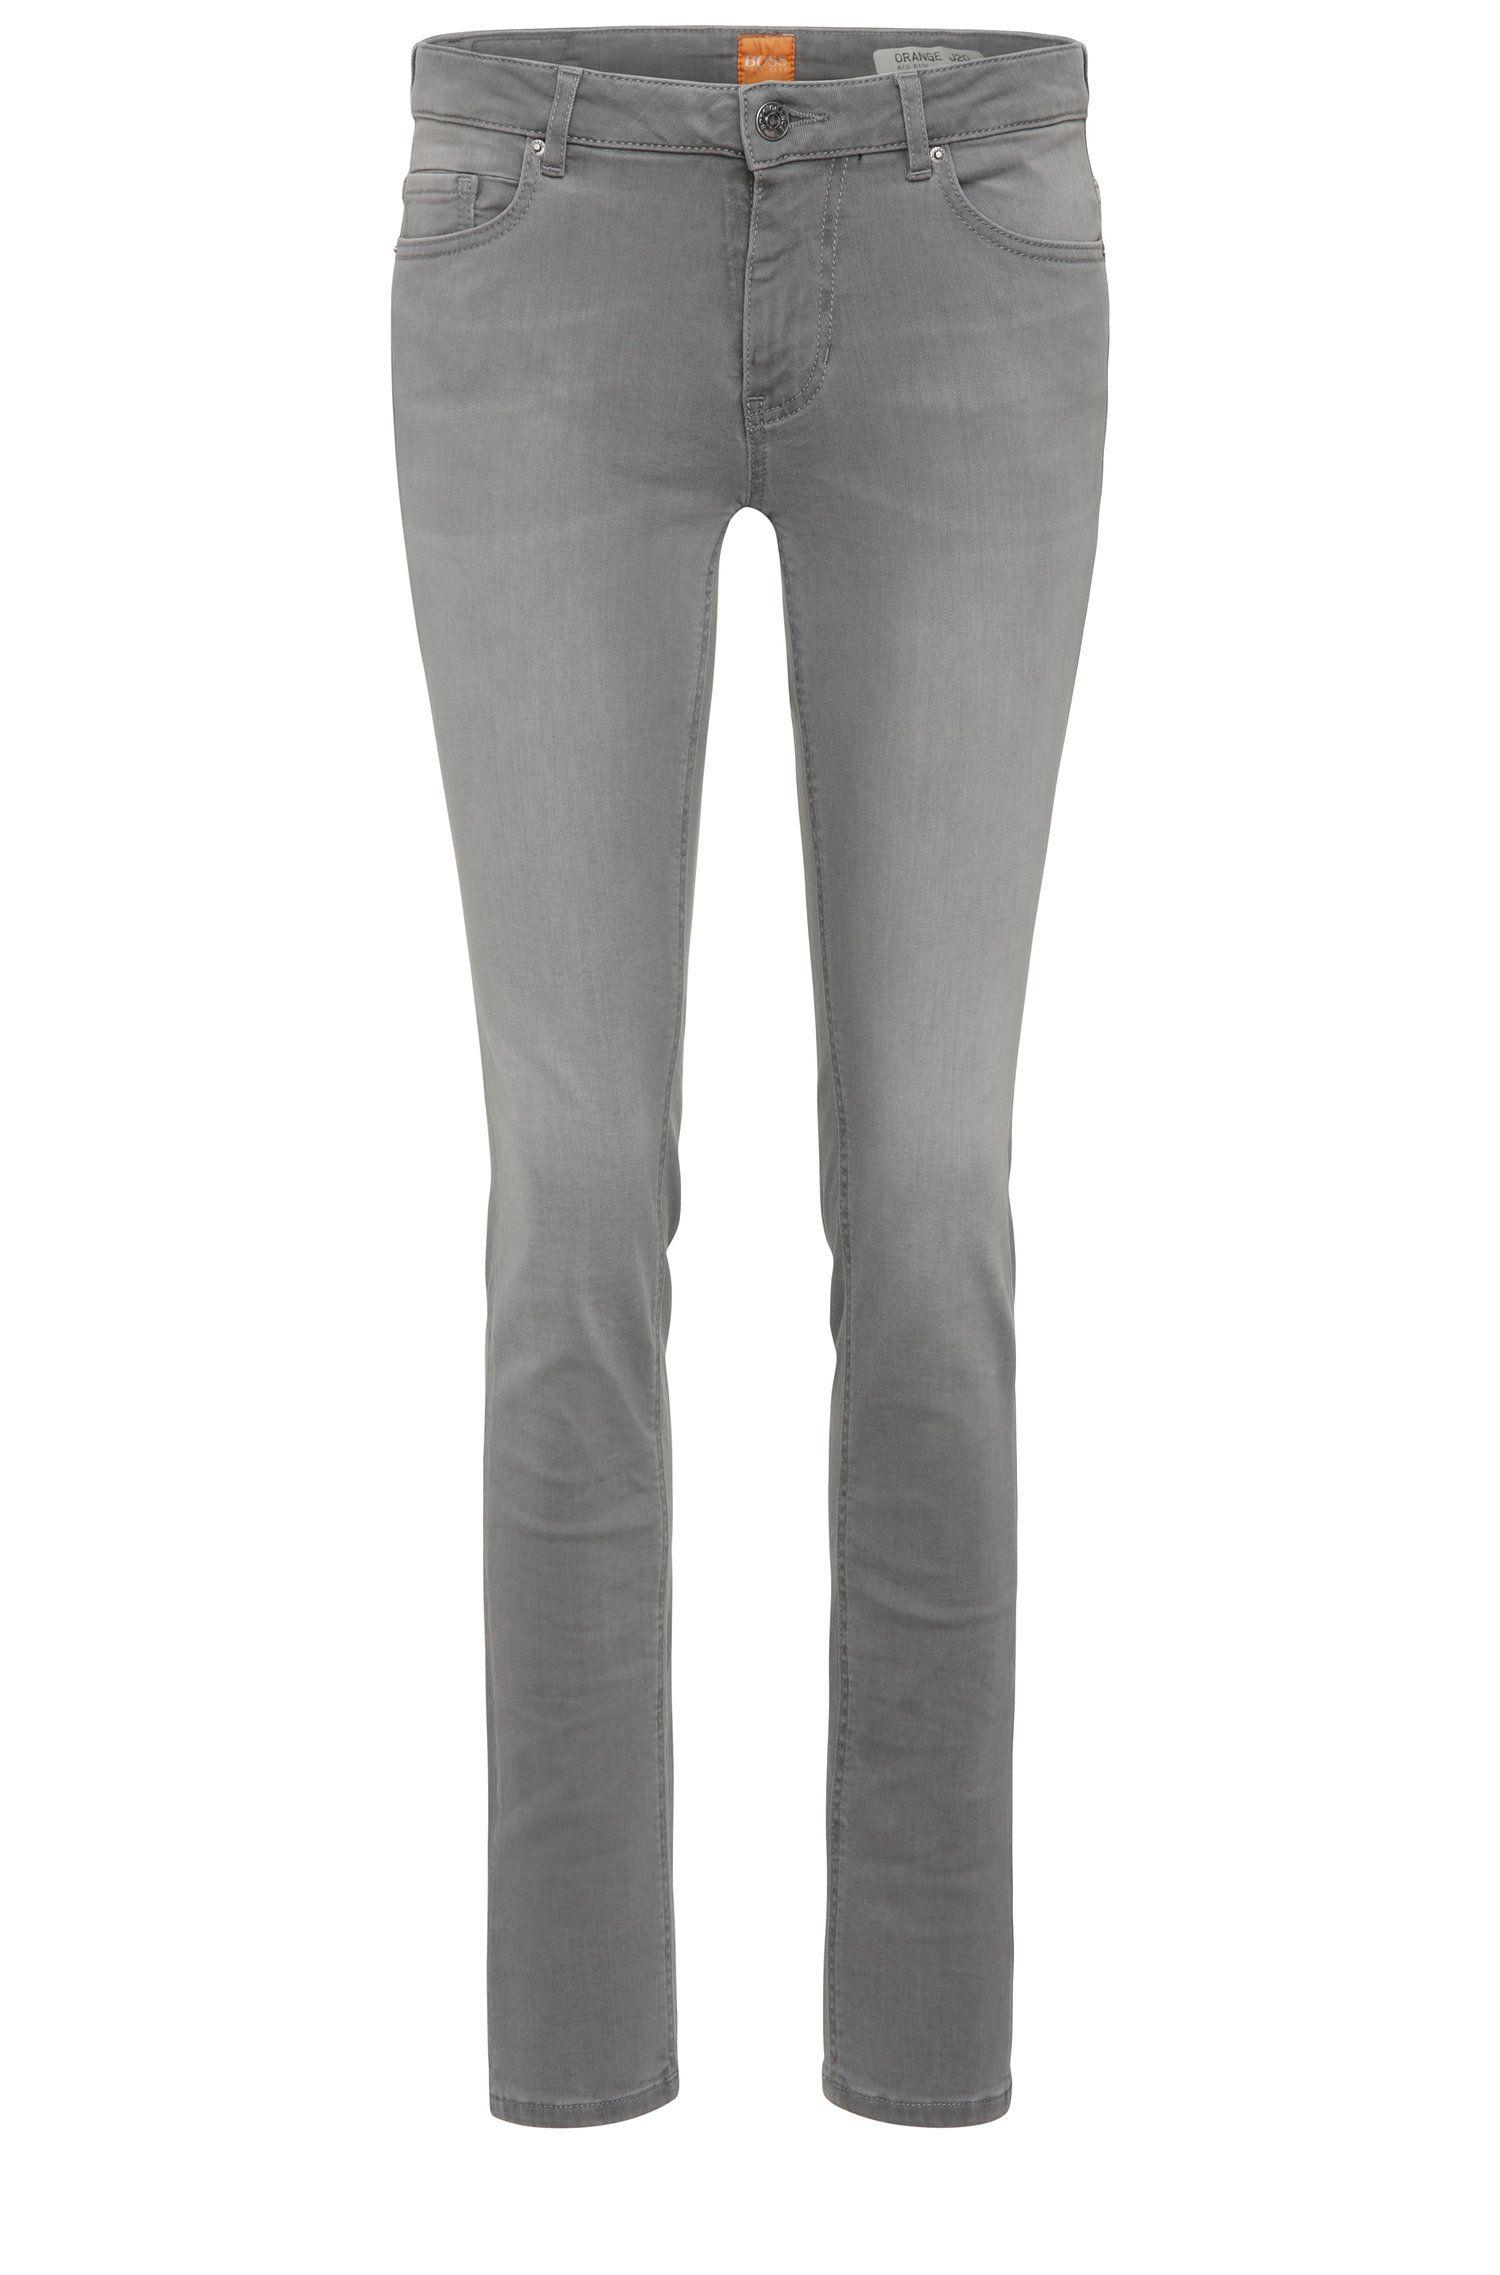 Jeans Slim Fit en coton mélangé extensible: «Orange J20 Sidney»